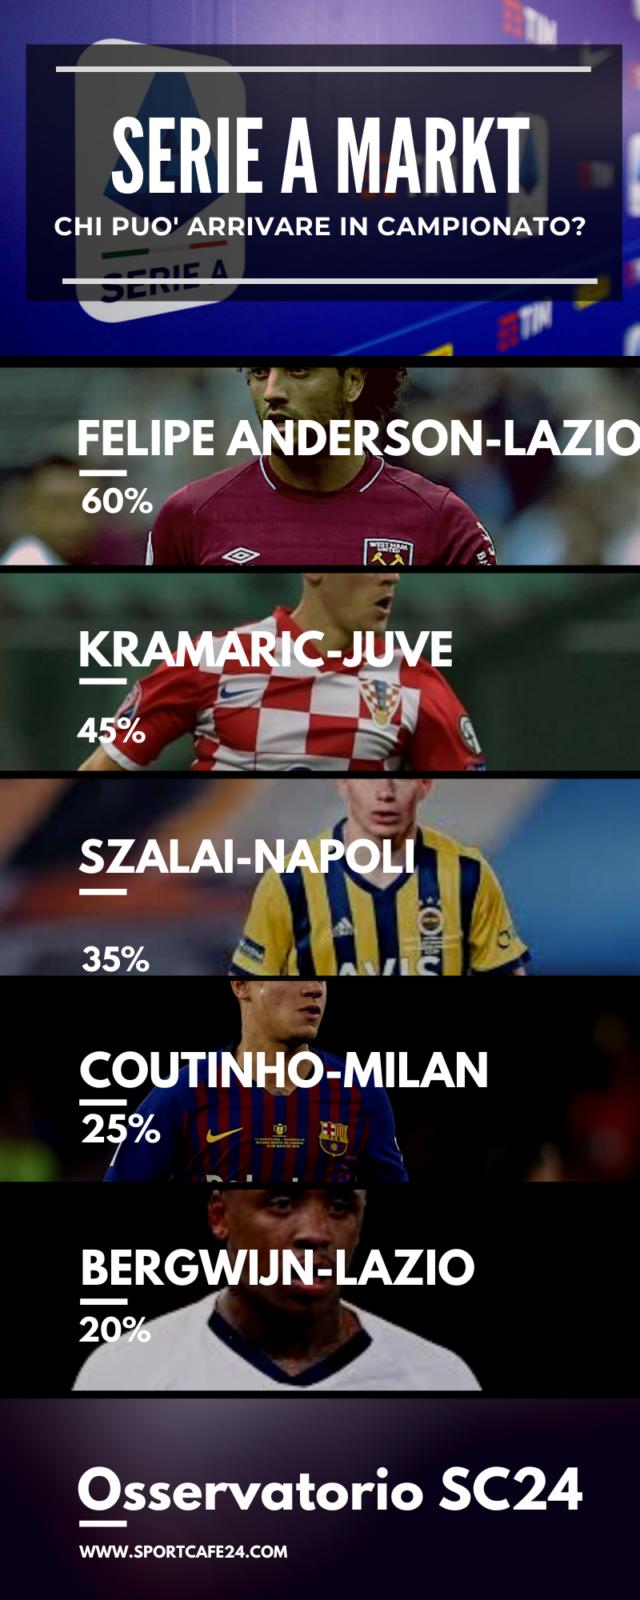 Kramaric potrebbe essere l'erde di Mandukic alla Juventus